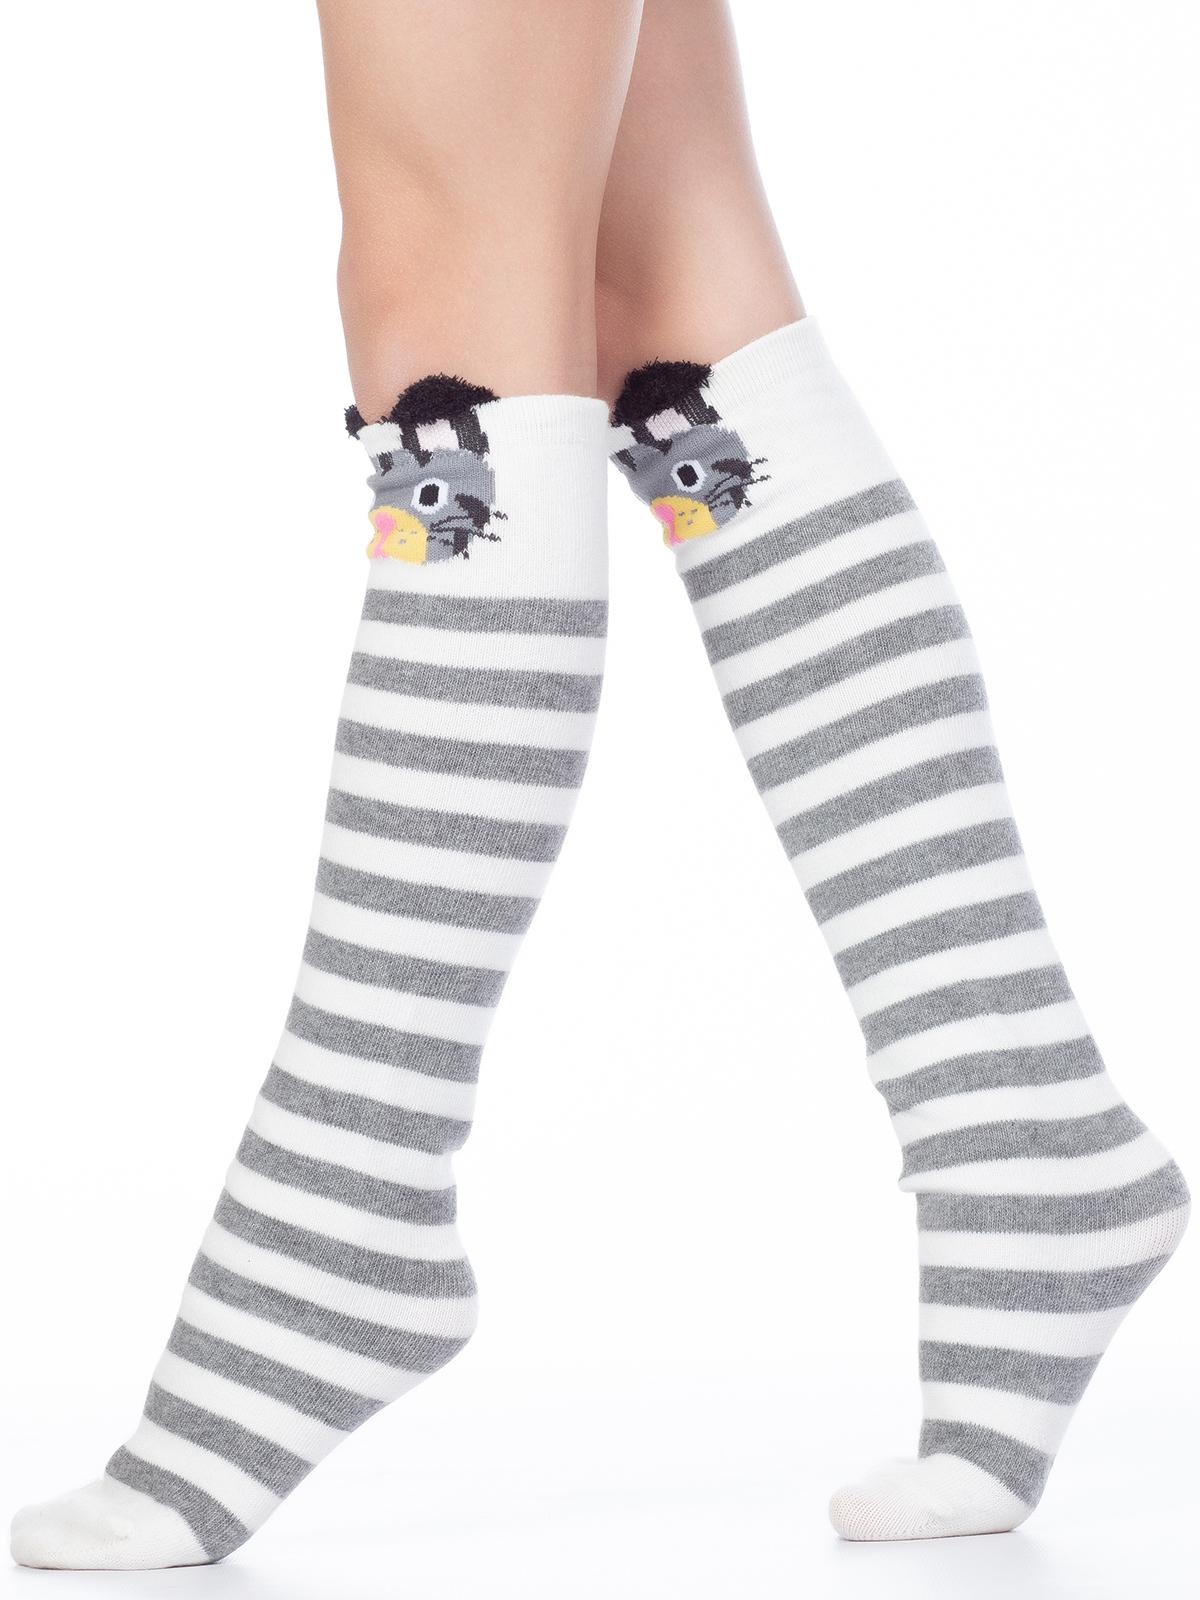 Купить Гольфы детские Hobby Line 4471-18 бело-серая полоска, Зайка, белый, серый 20-22, Гольфы для девочек